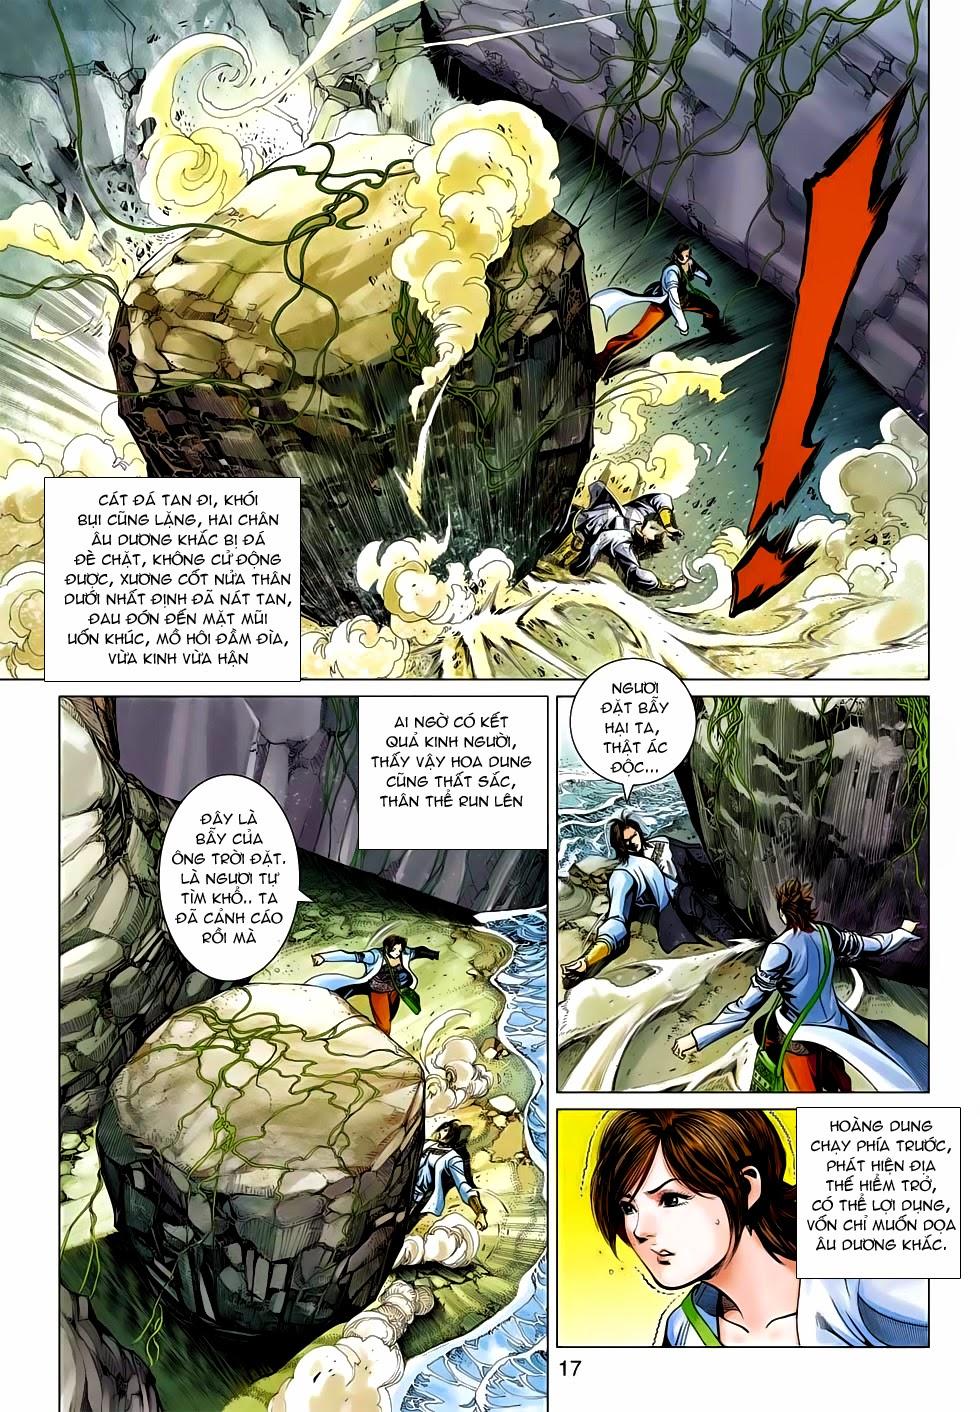 Anh Hùng Xạ Điêu anh hùng xạ đêu chap 54: kiếp hậu dư sinh thiến nữ kỳ mưu trang 17